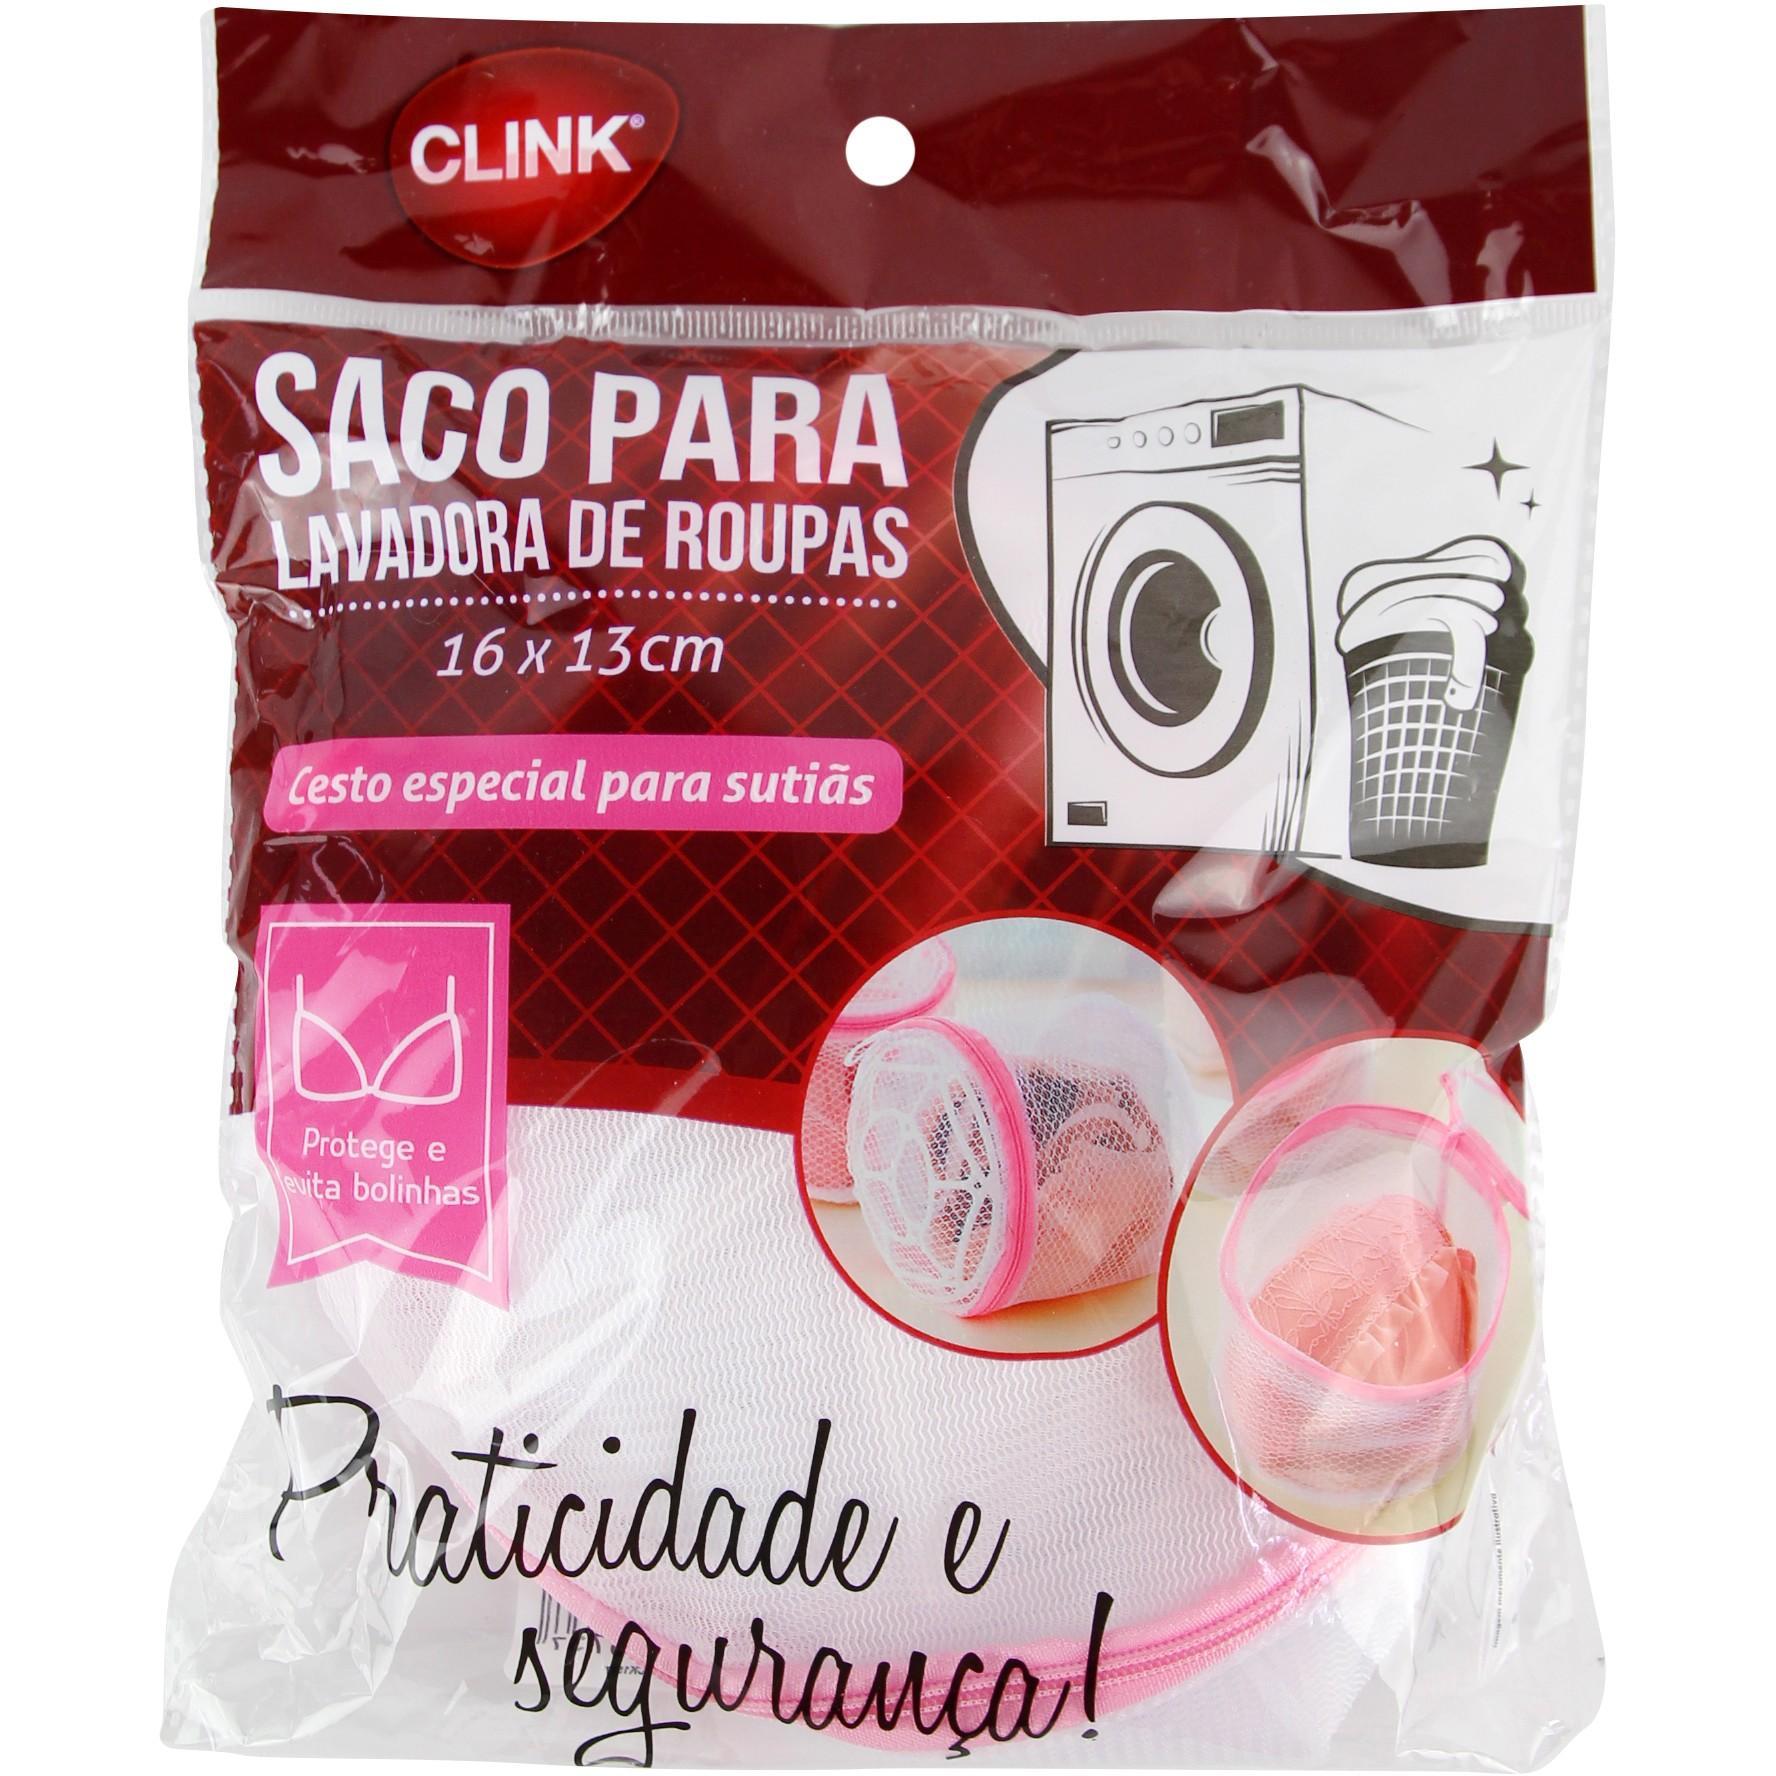 Saco para Maquina de Lavar Roupas 16x13cm - Clink